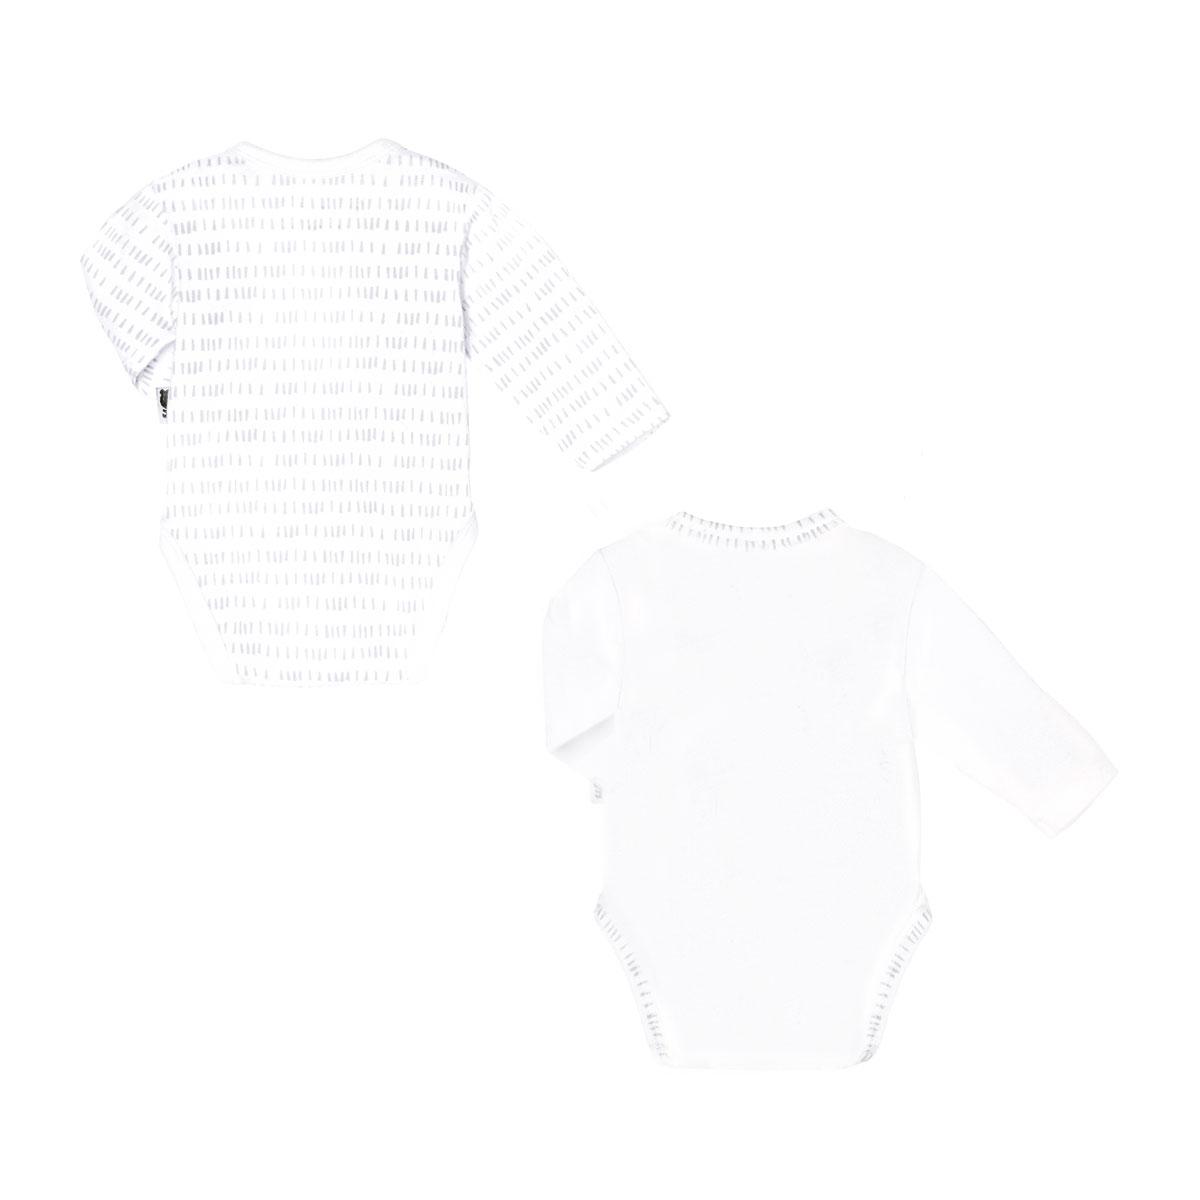 Lot de 2 bodies bébé mixte croisés manches longues contenant du coton bio Little Panda dos